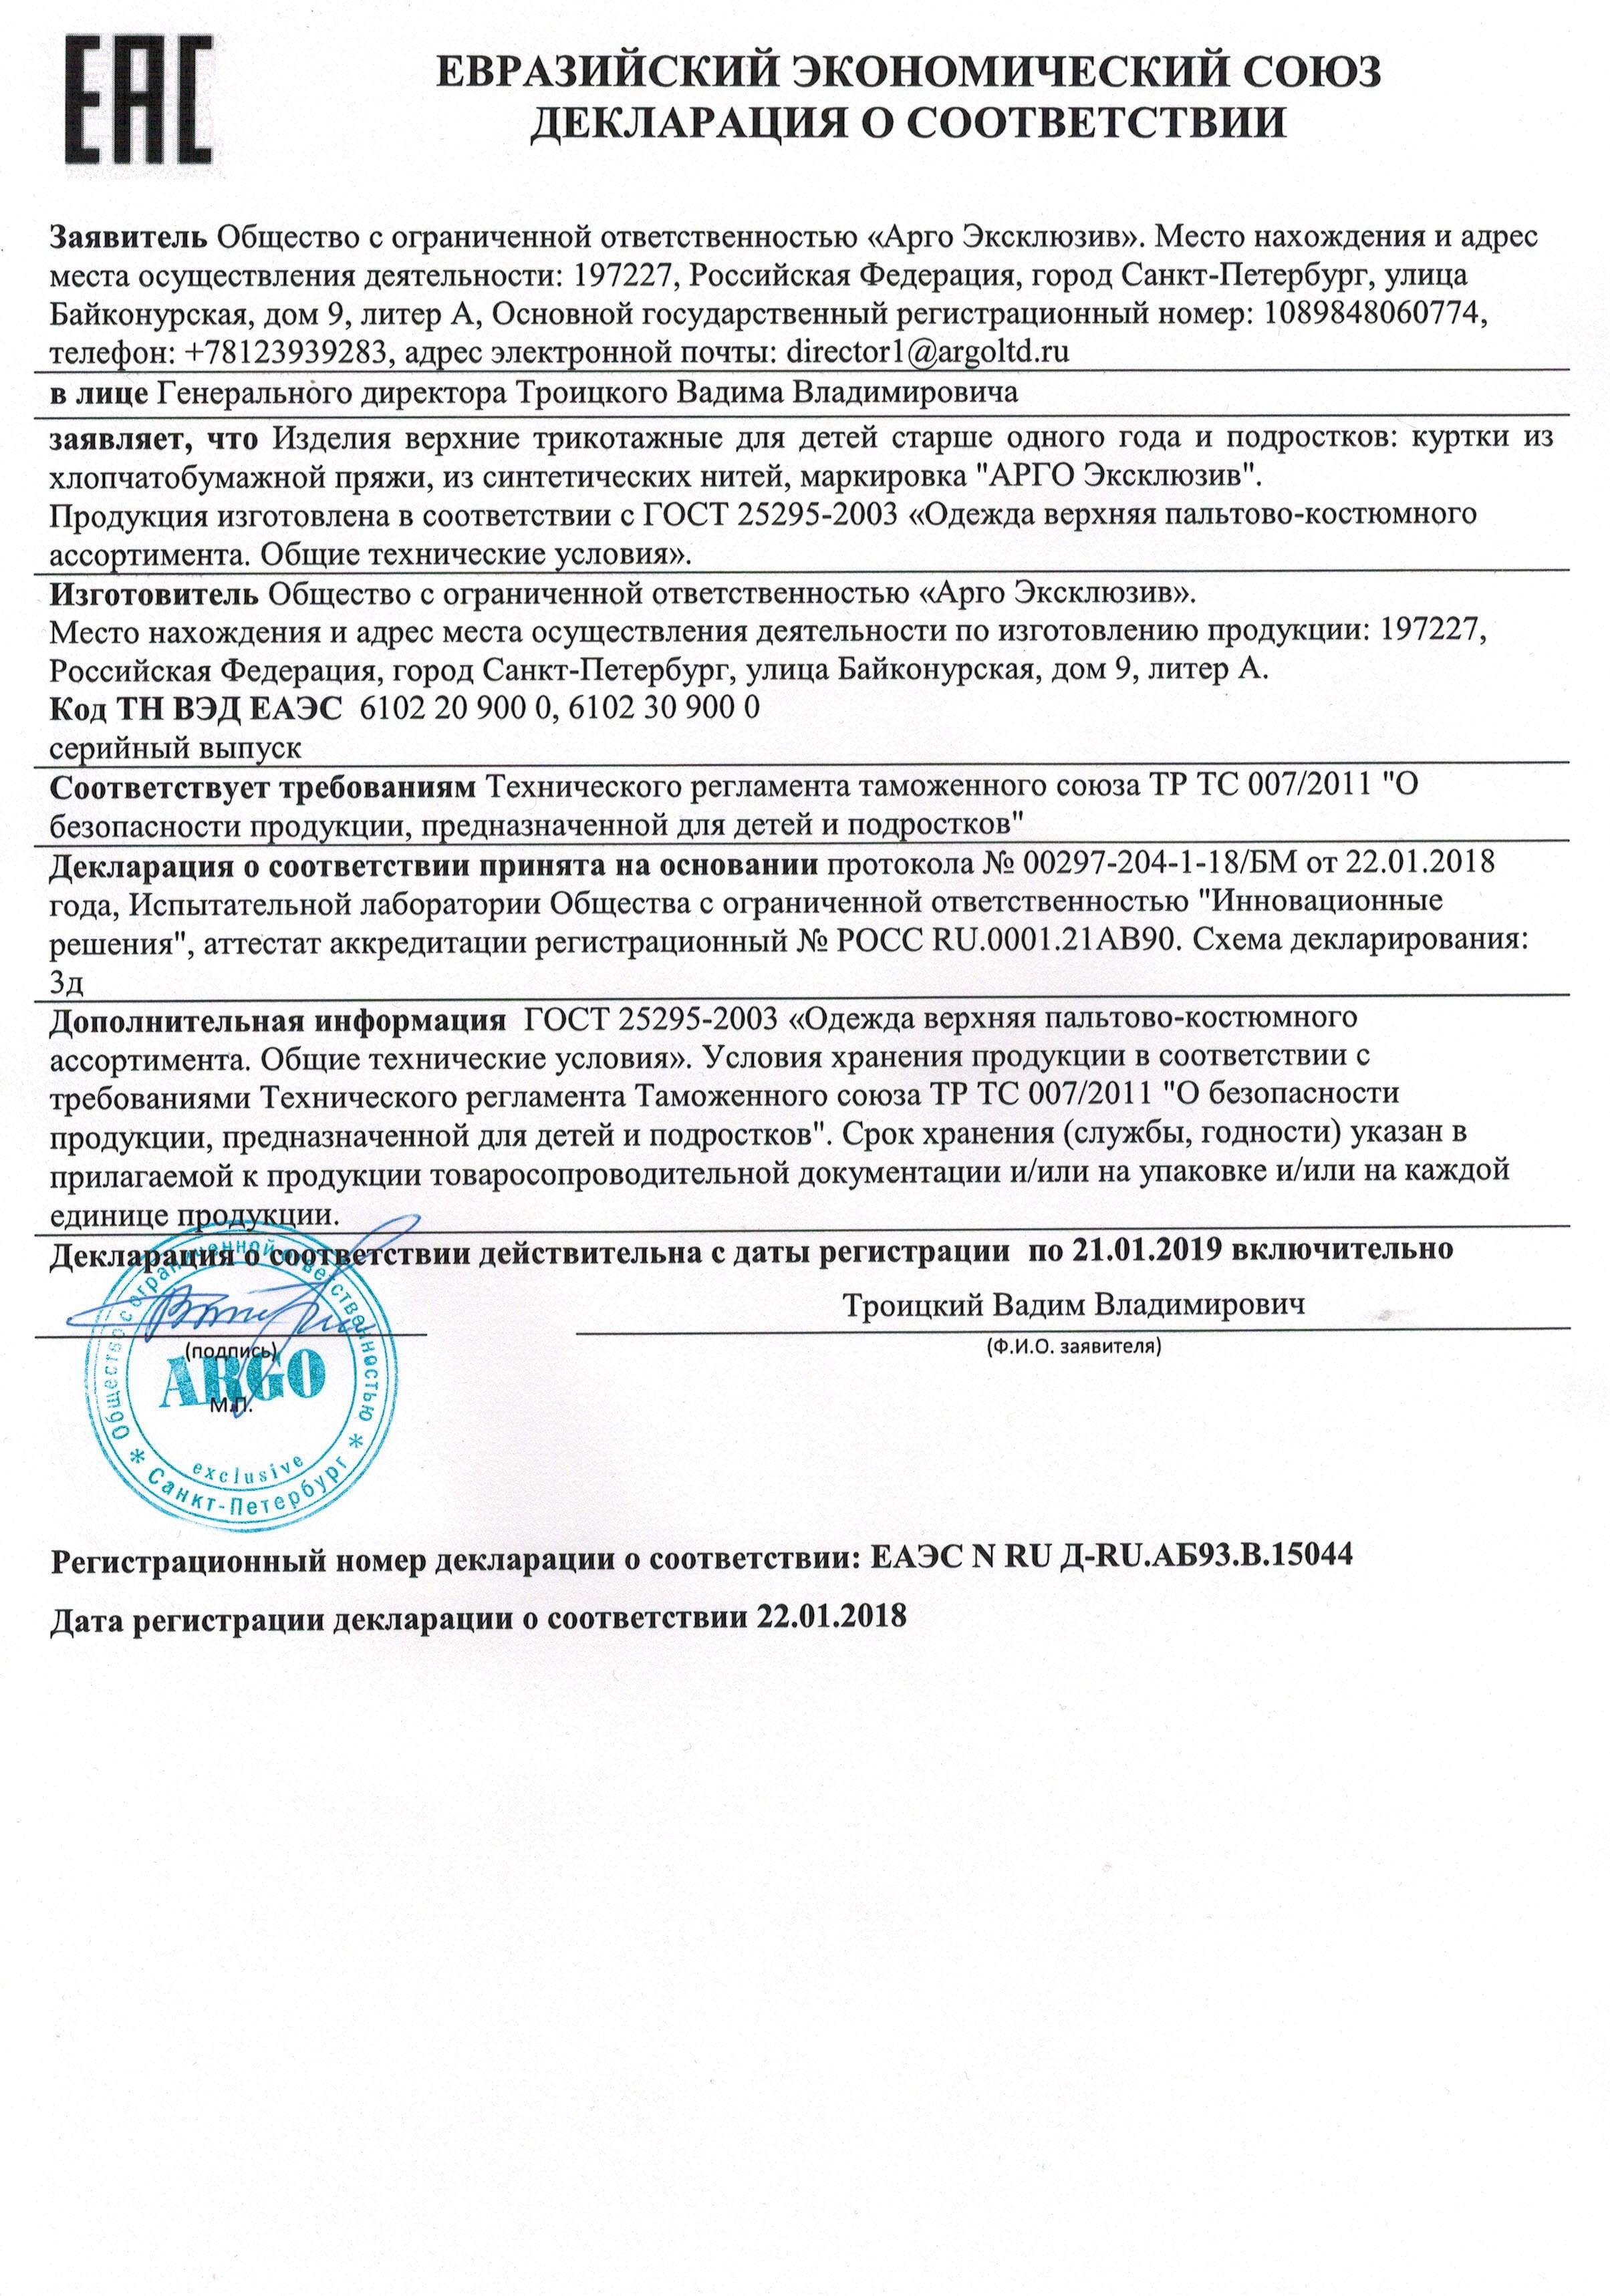 Евразийский Экономический Союз. Декларация о соответствии. 9be0e659b3c